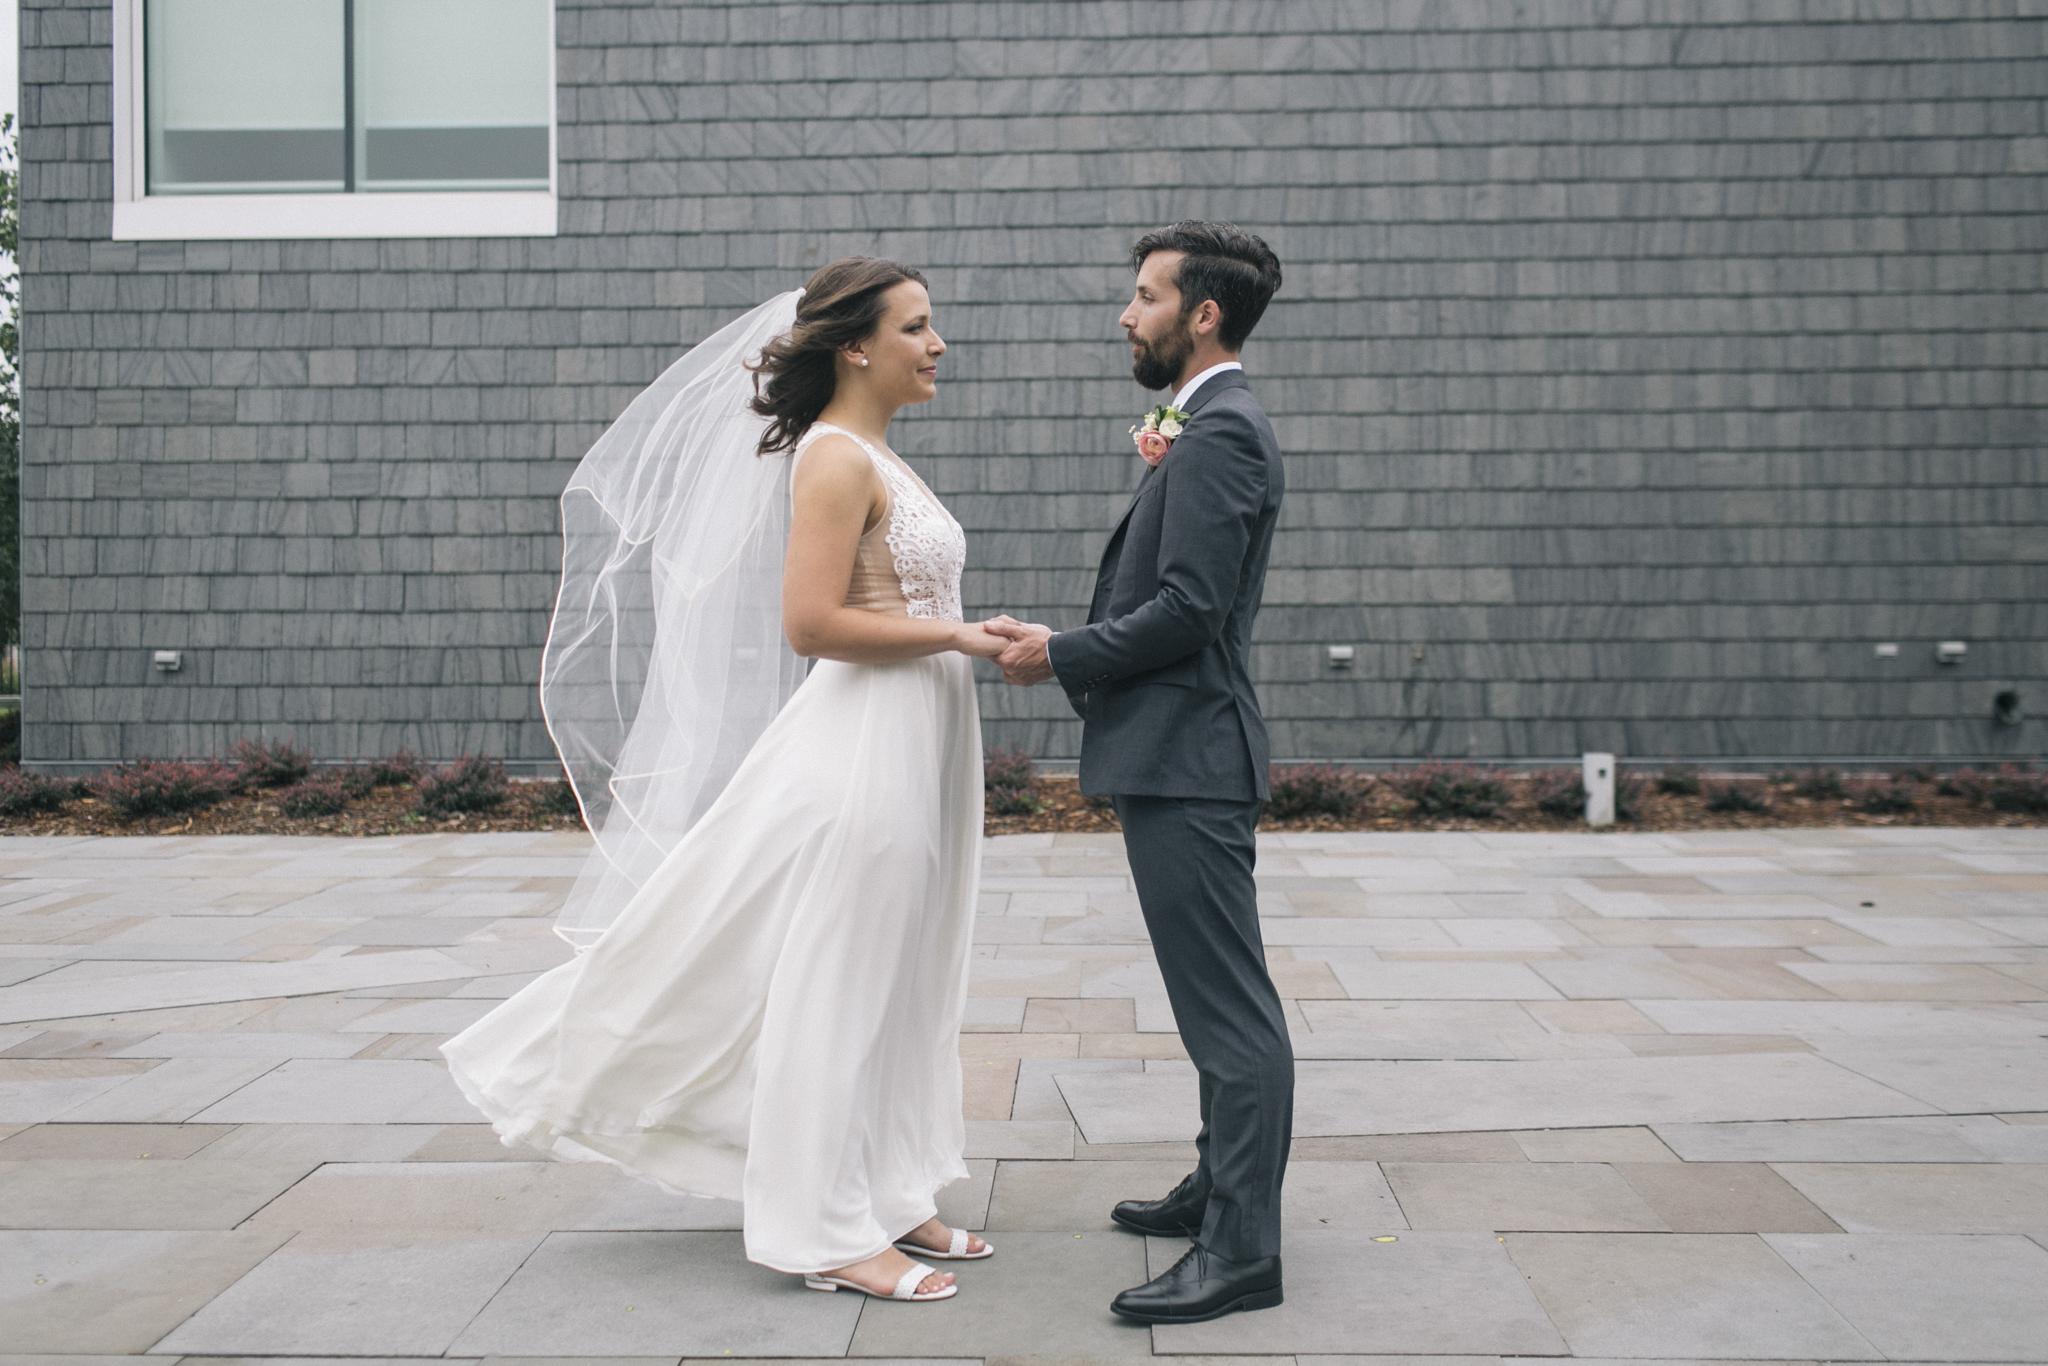 harlan_megmike_wedding_16.jpg